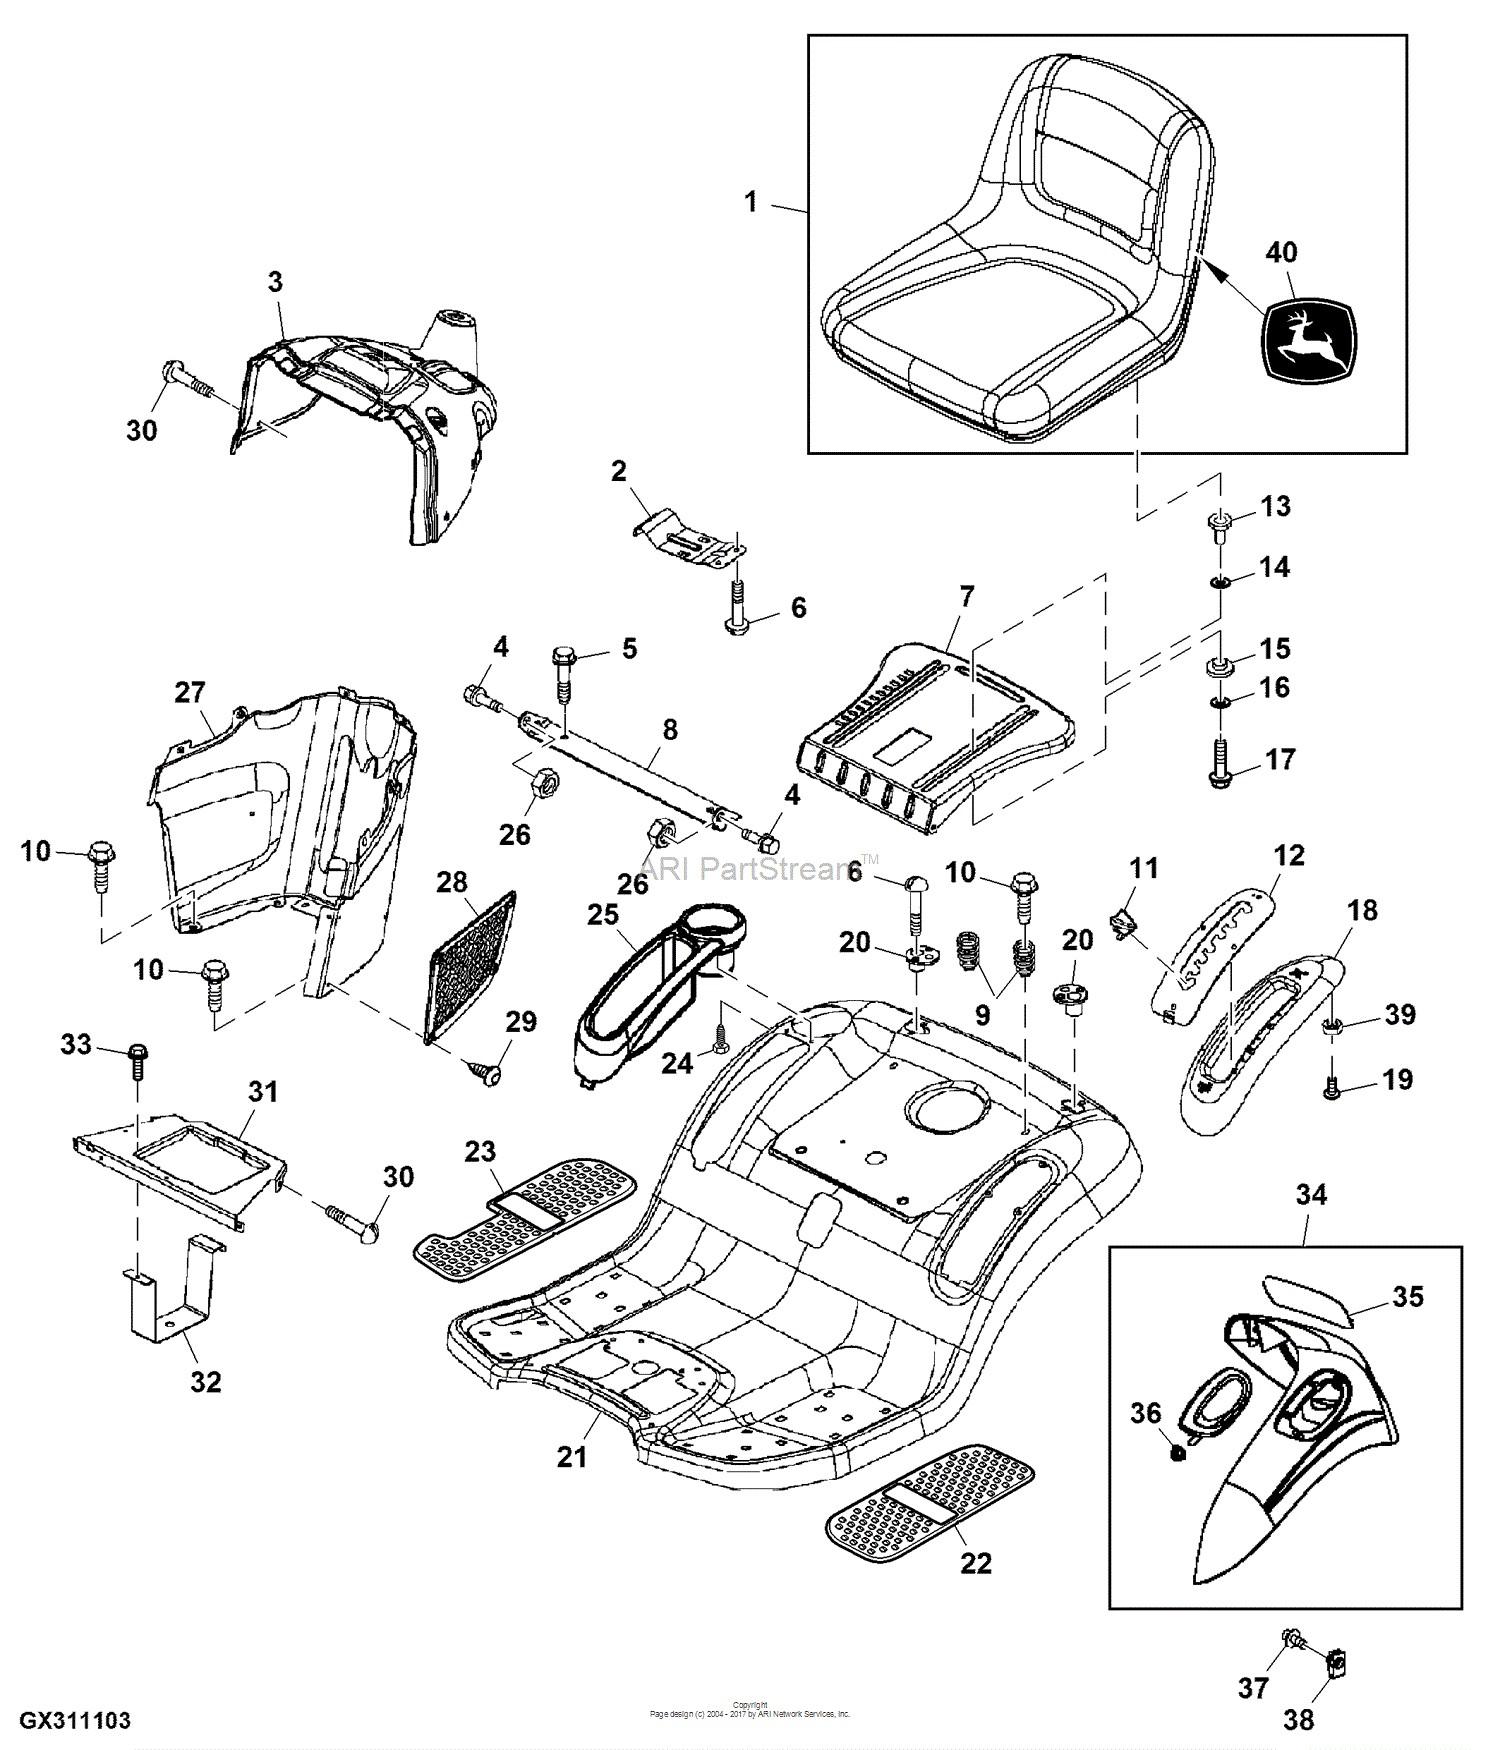 John Deere L118 Parts Diagram